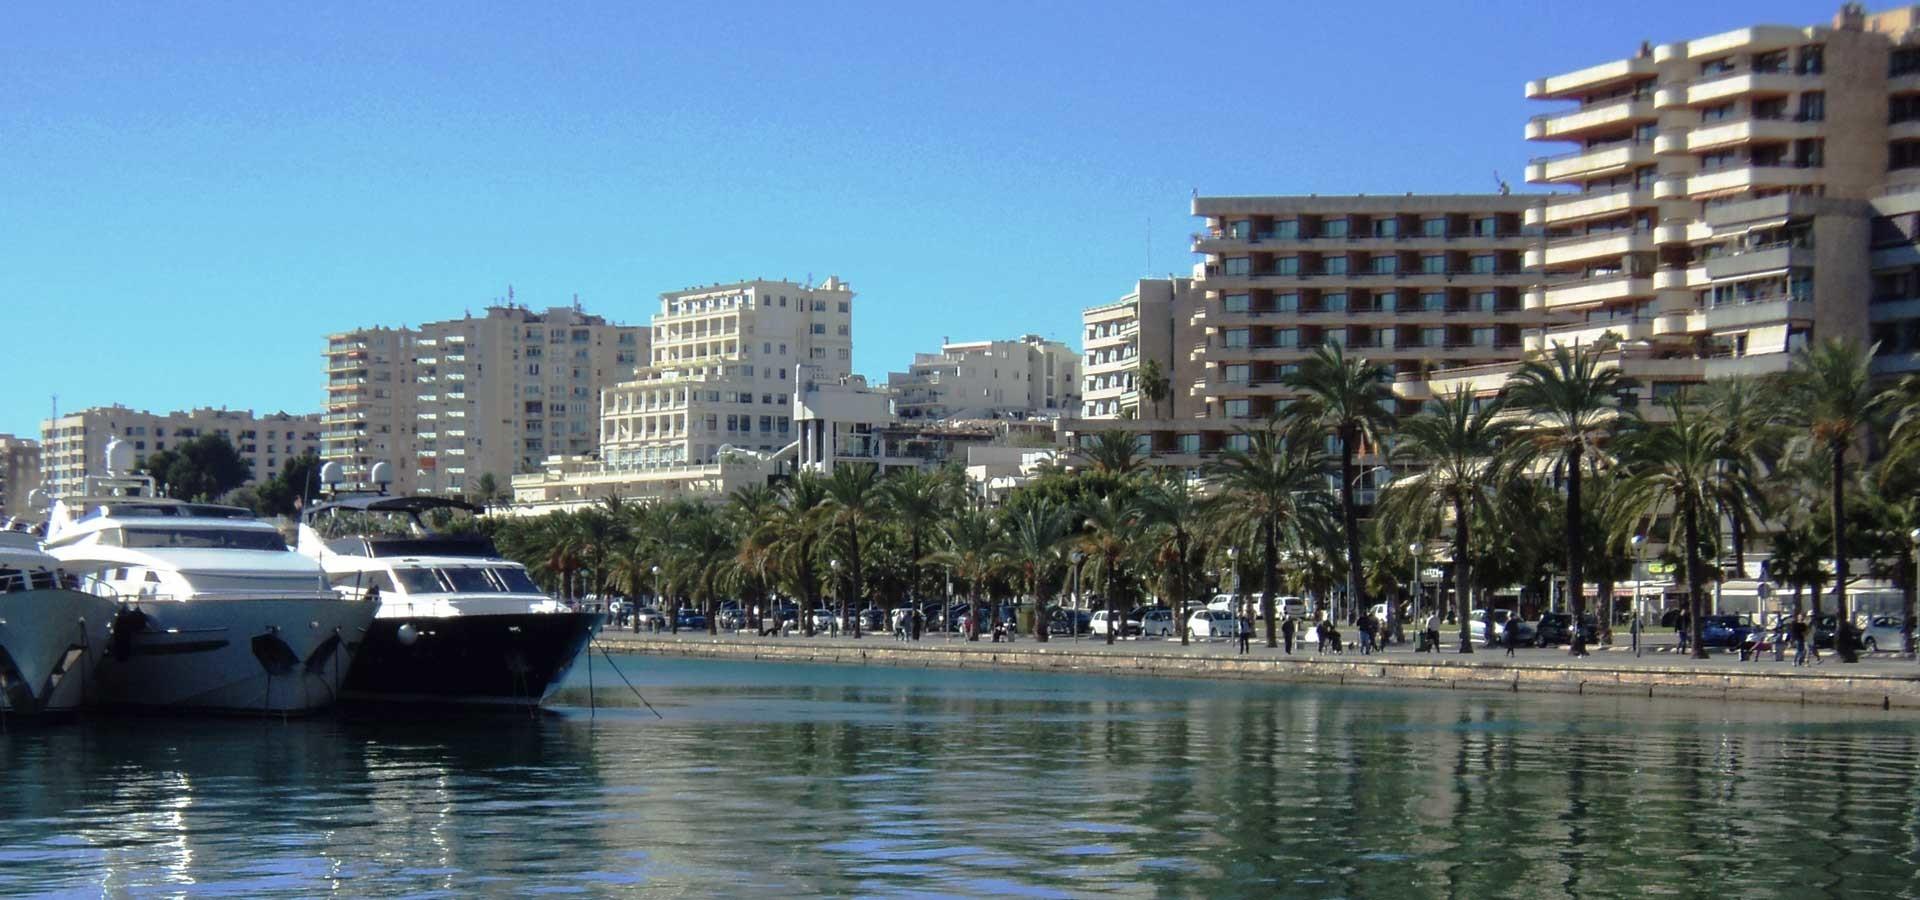 Esperienza Erasmus a Palma de Mallorca, Spagna di Maurice